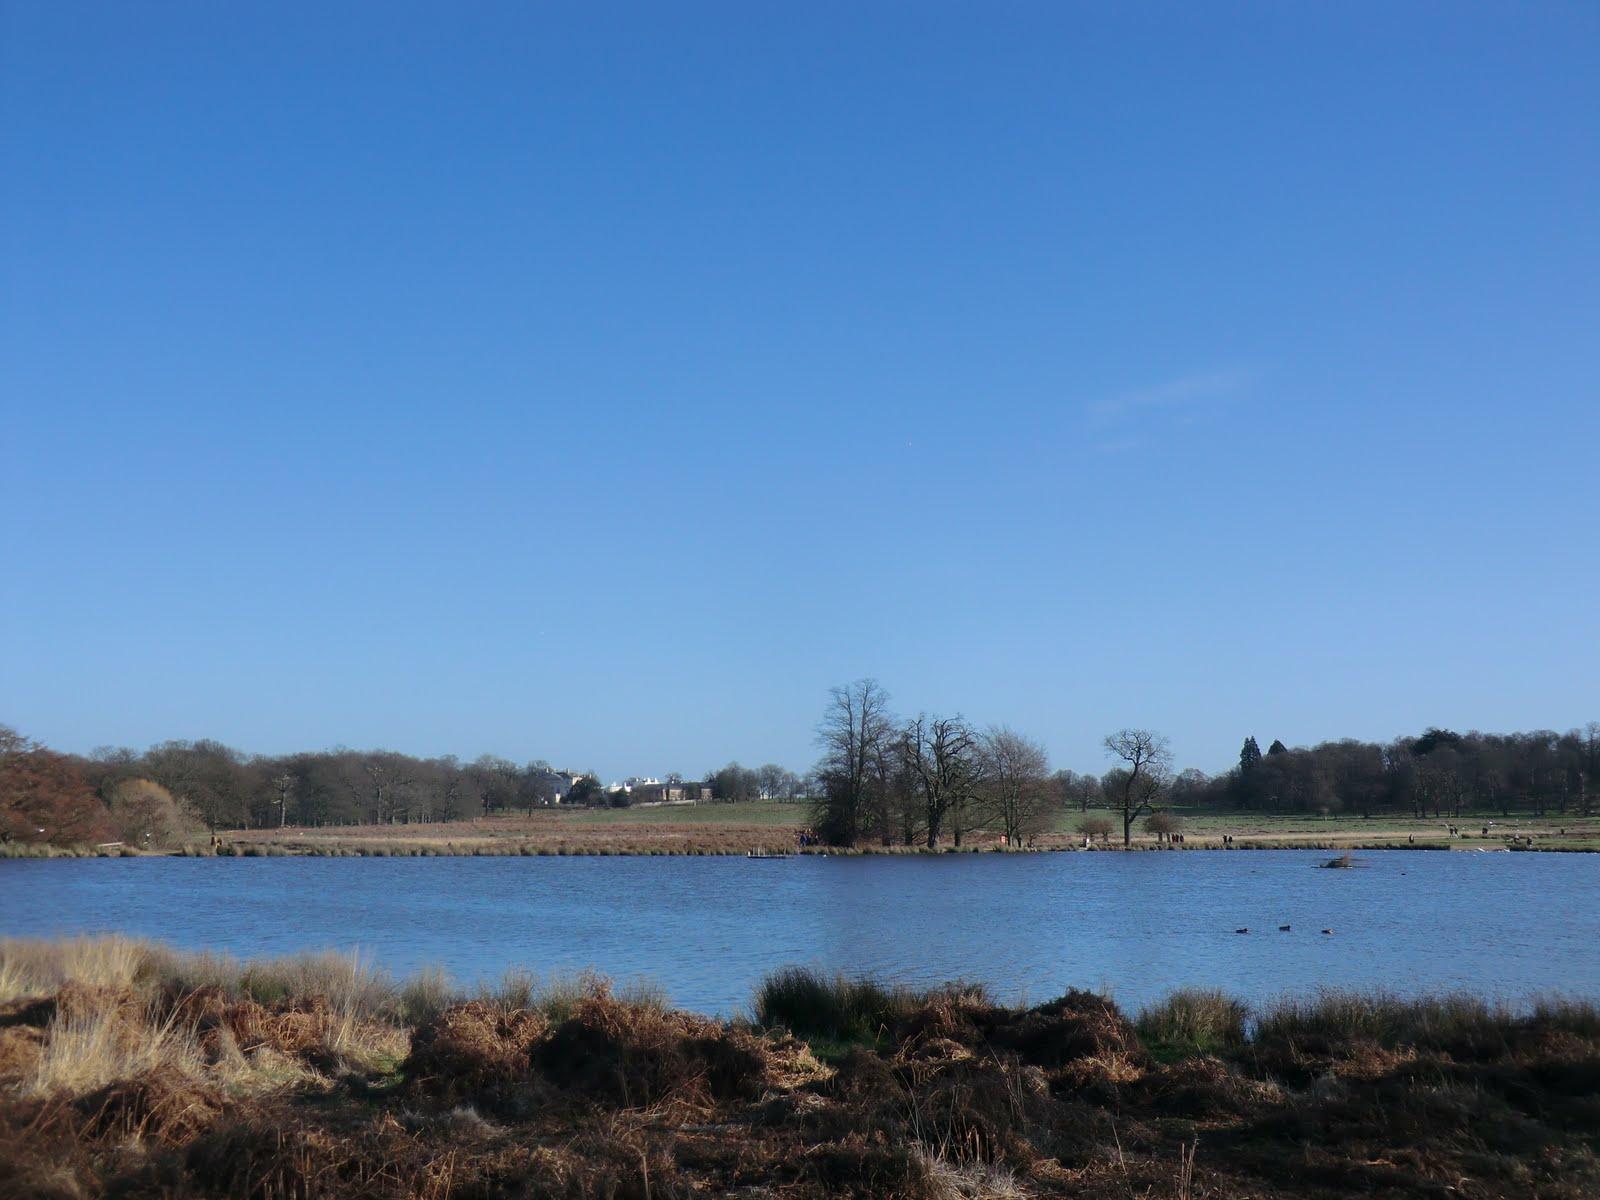 CIMG2462 Upper Pen Pond